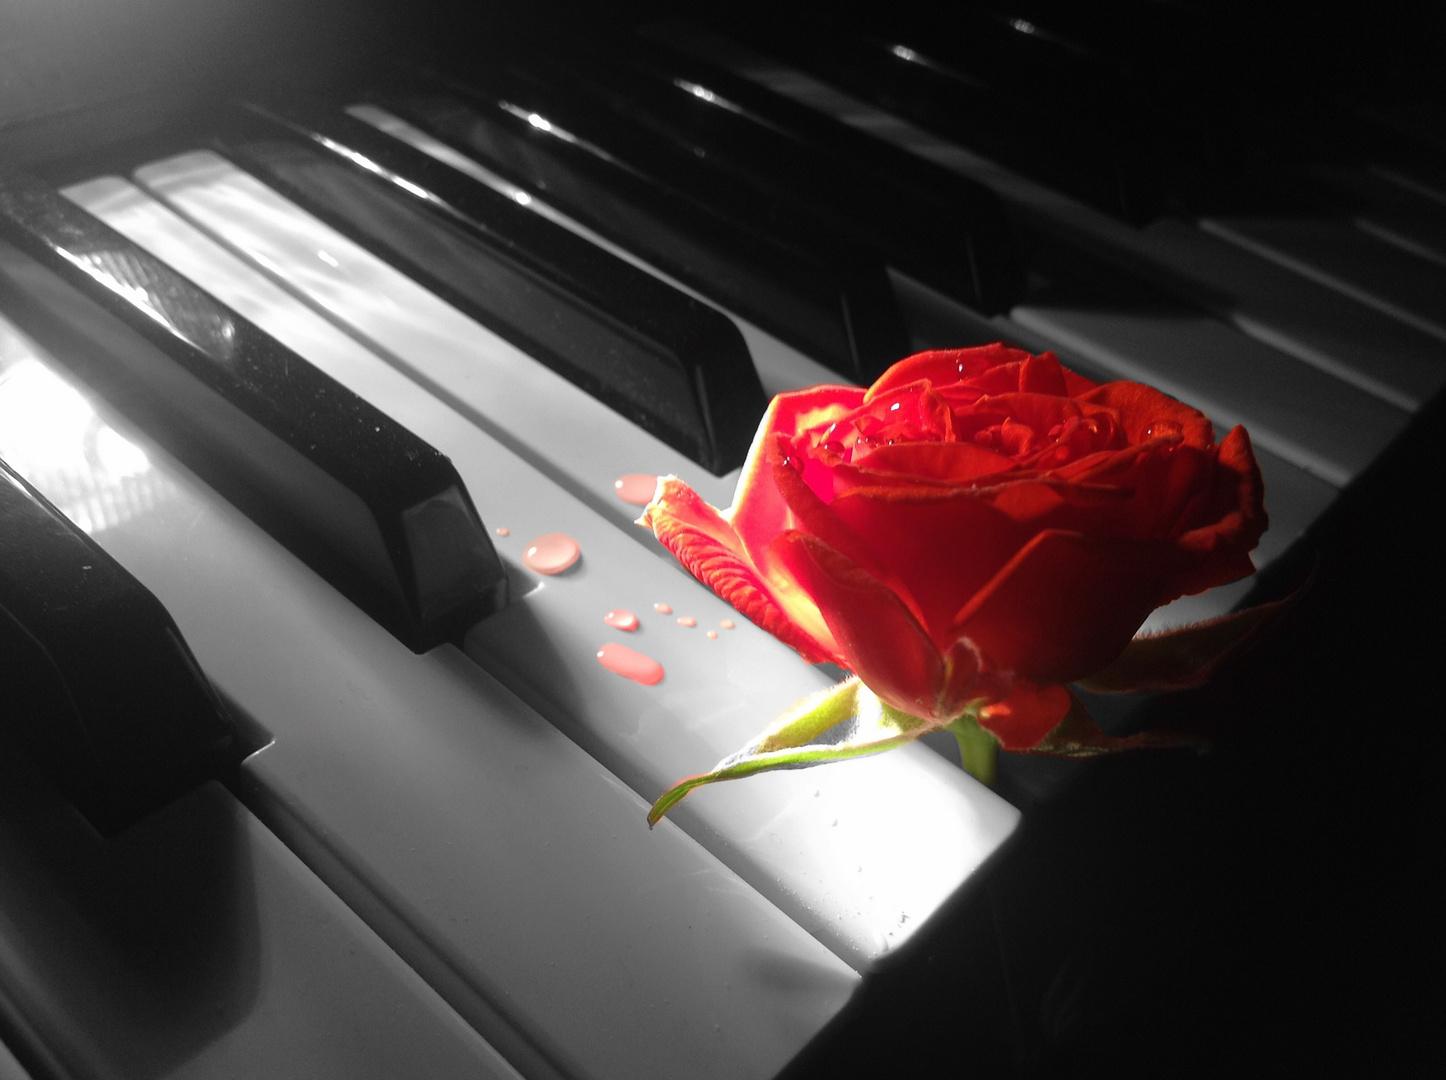 Klavier und rote Rose